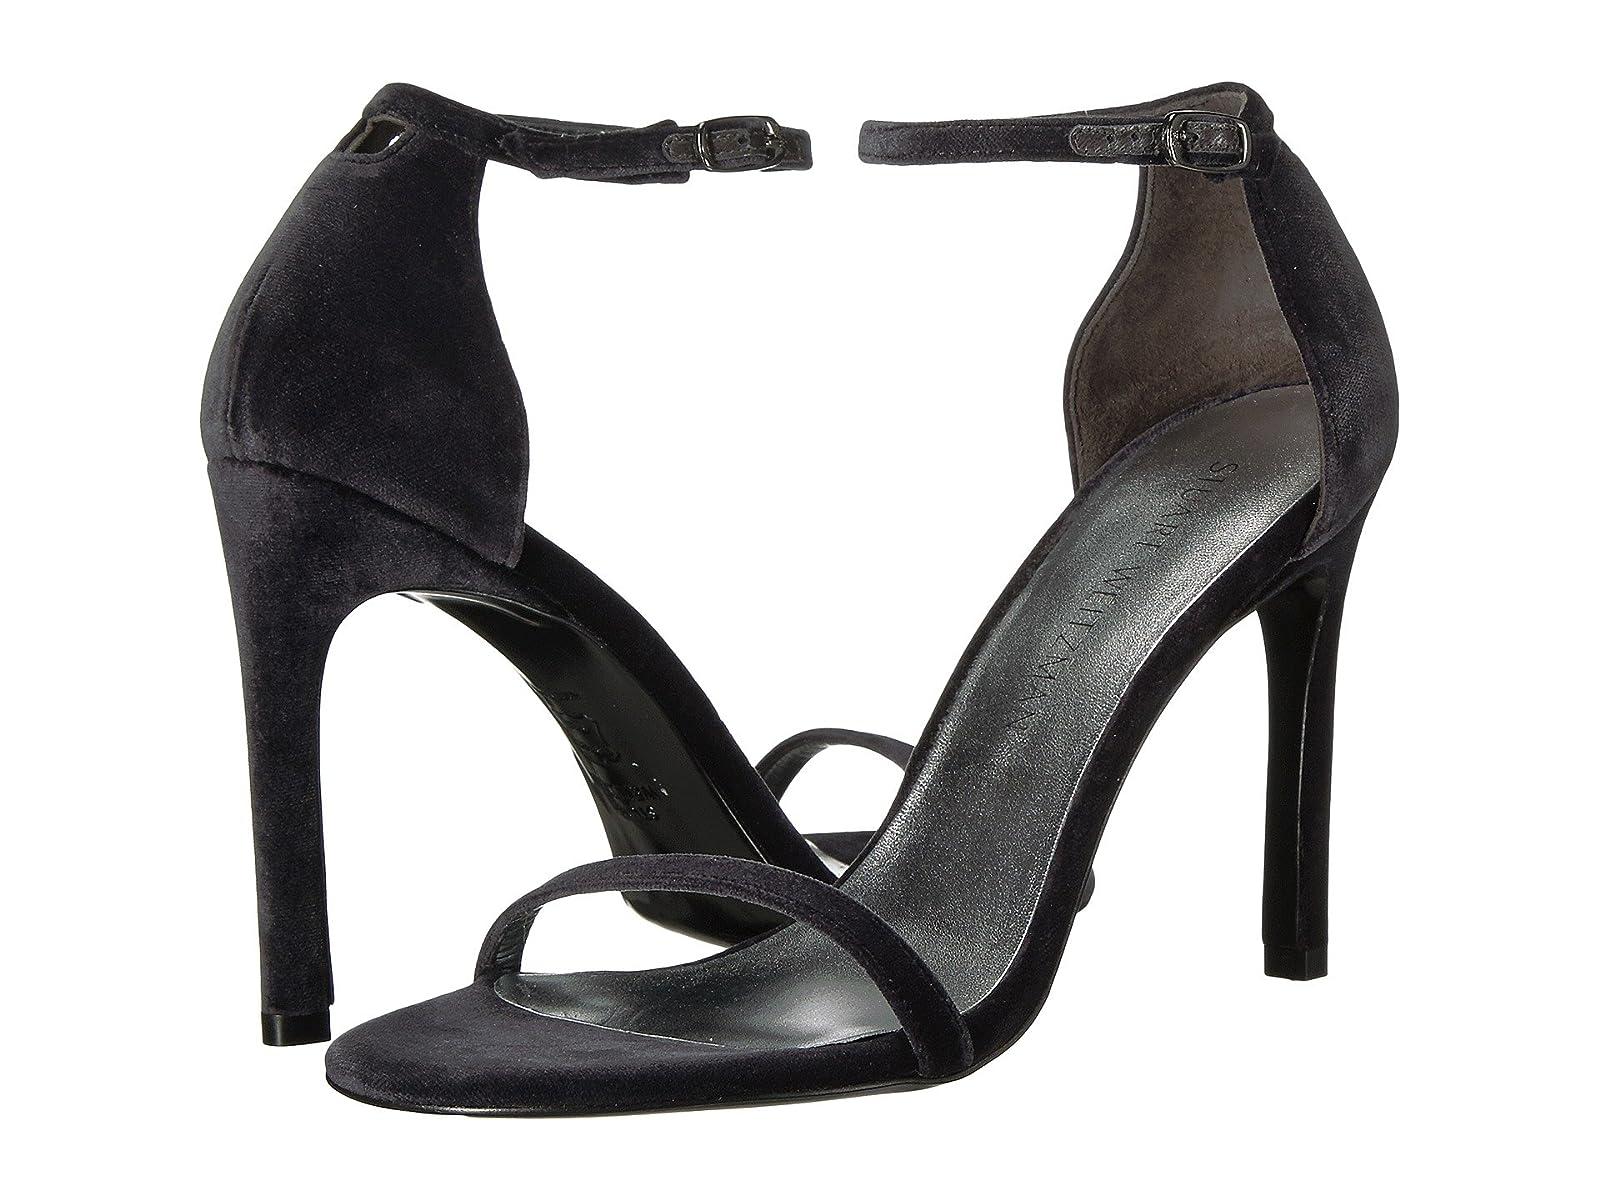 Stuart Weitzman NudistsongCheap and distinctive eye-catching shoes